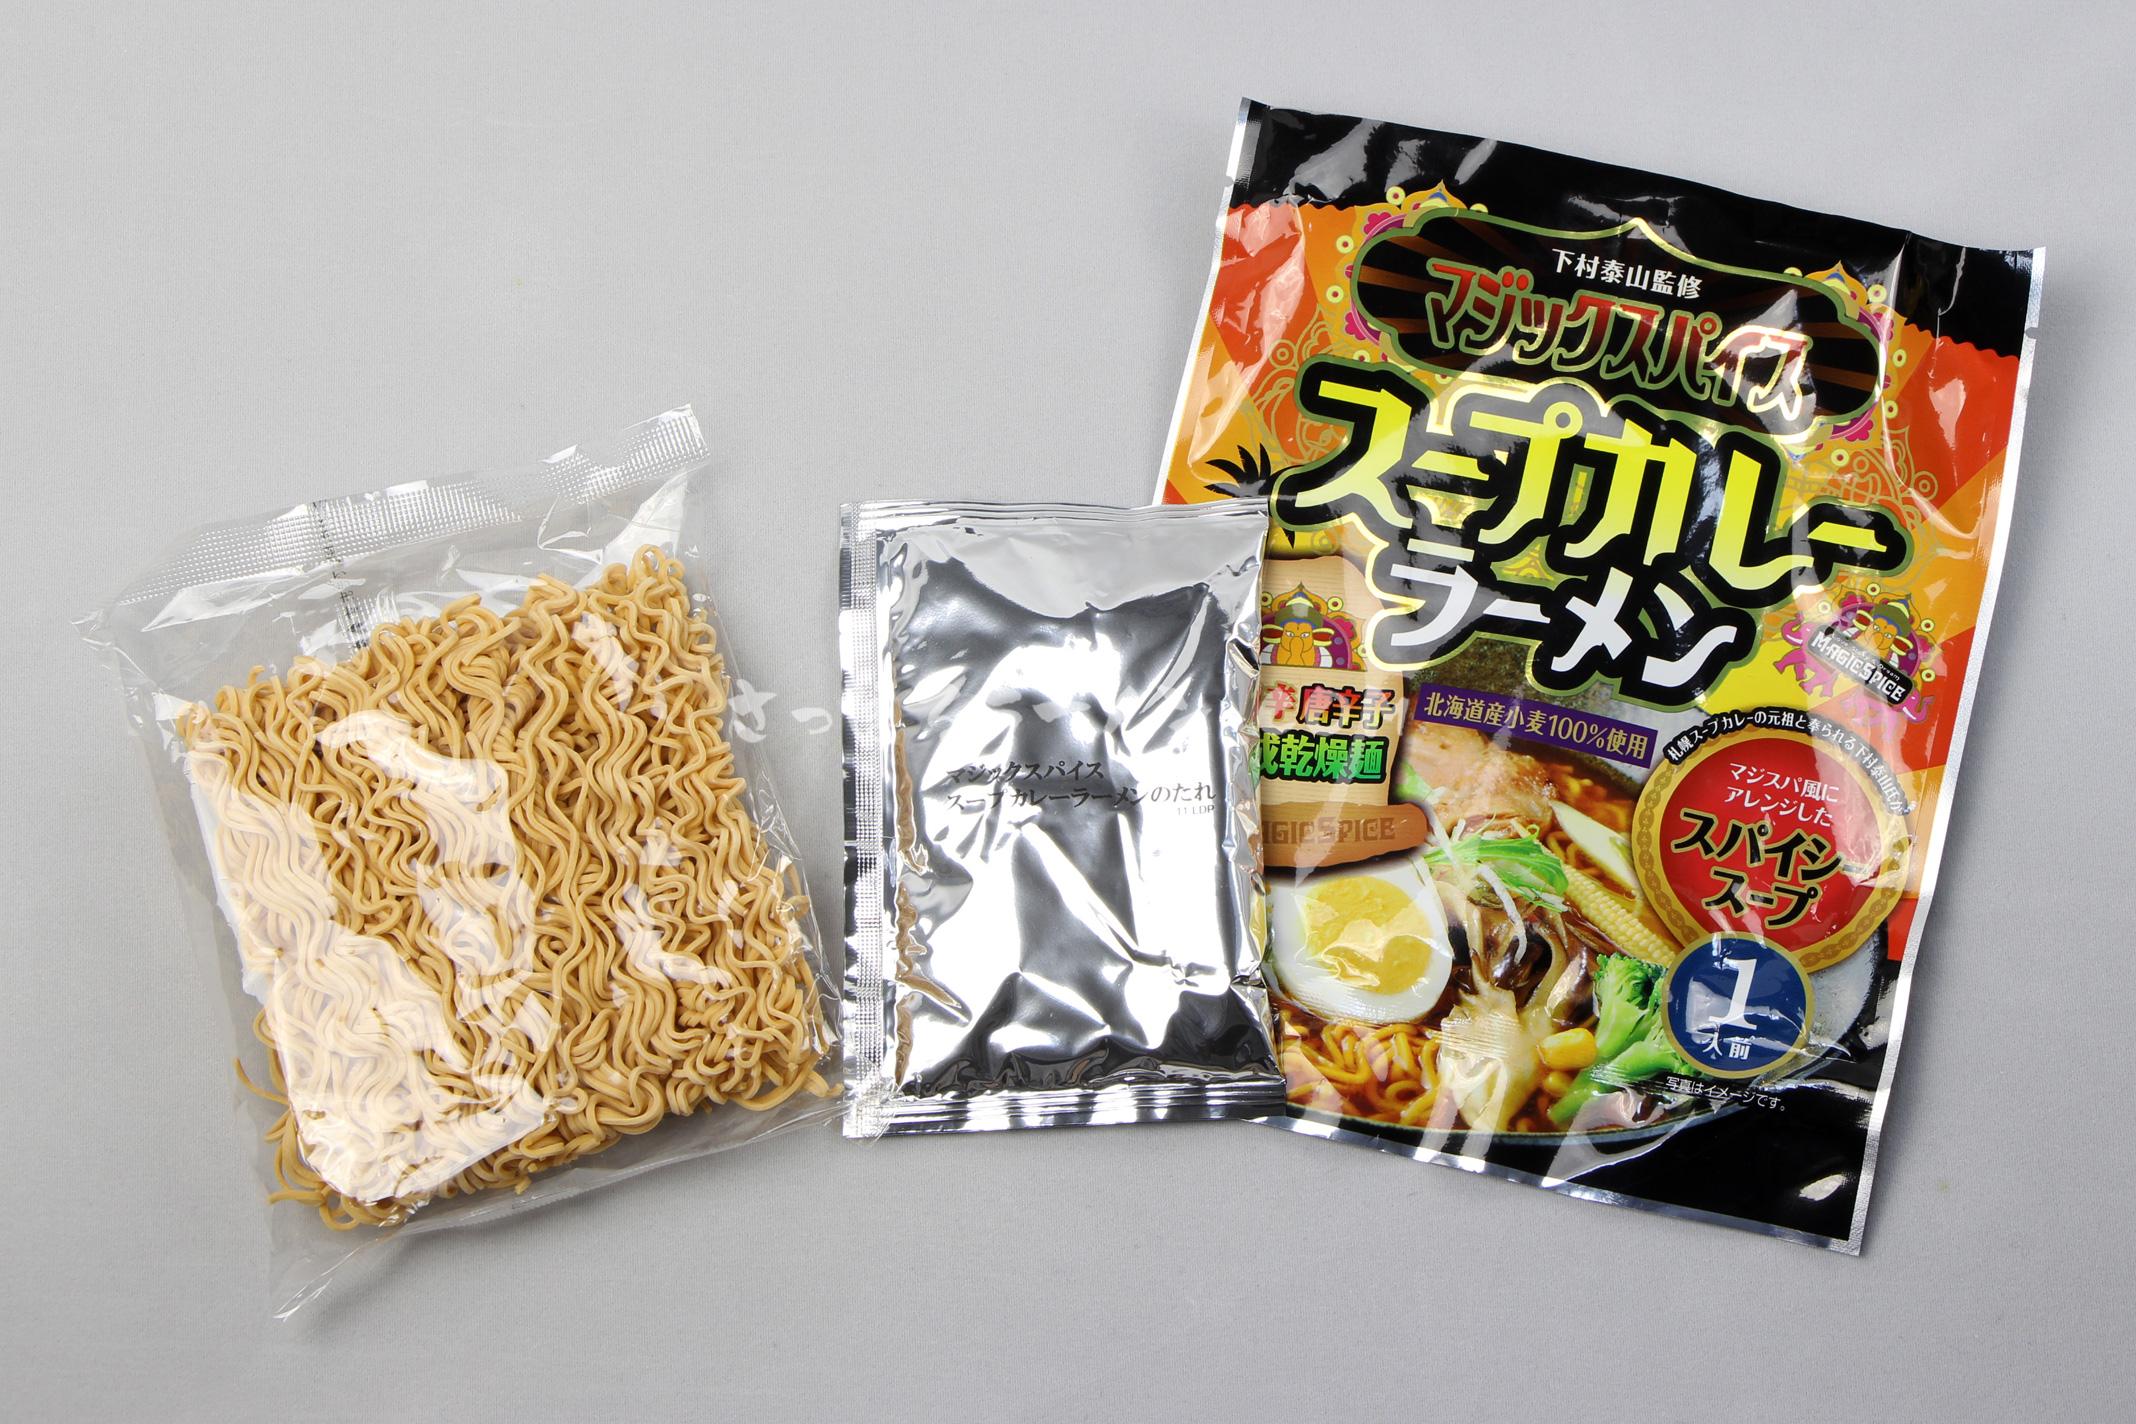 「下村泰山監修 マジックスパイス スープカレーラーメン」(株式会社アンヌプリ)の麺とスープ